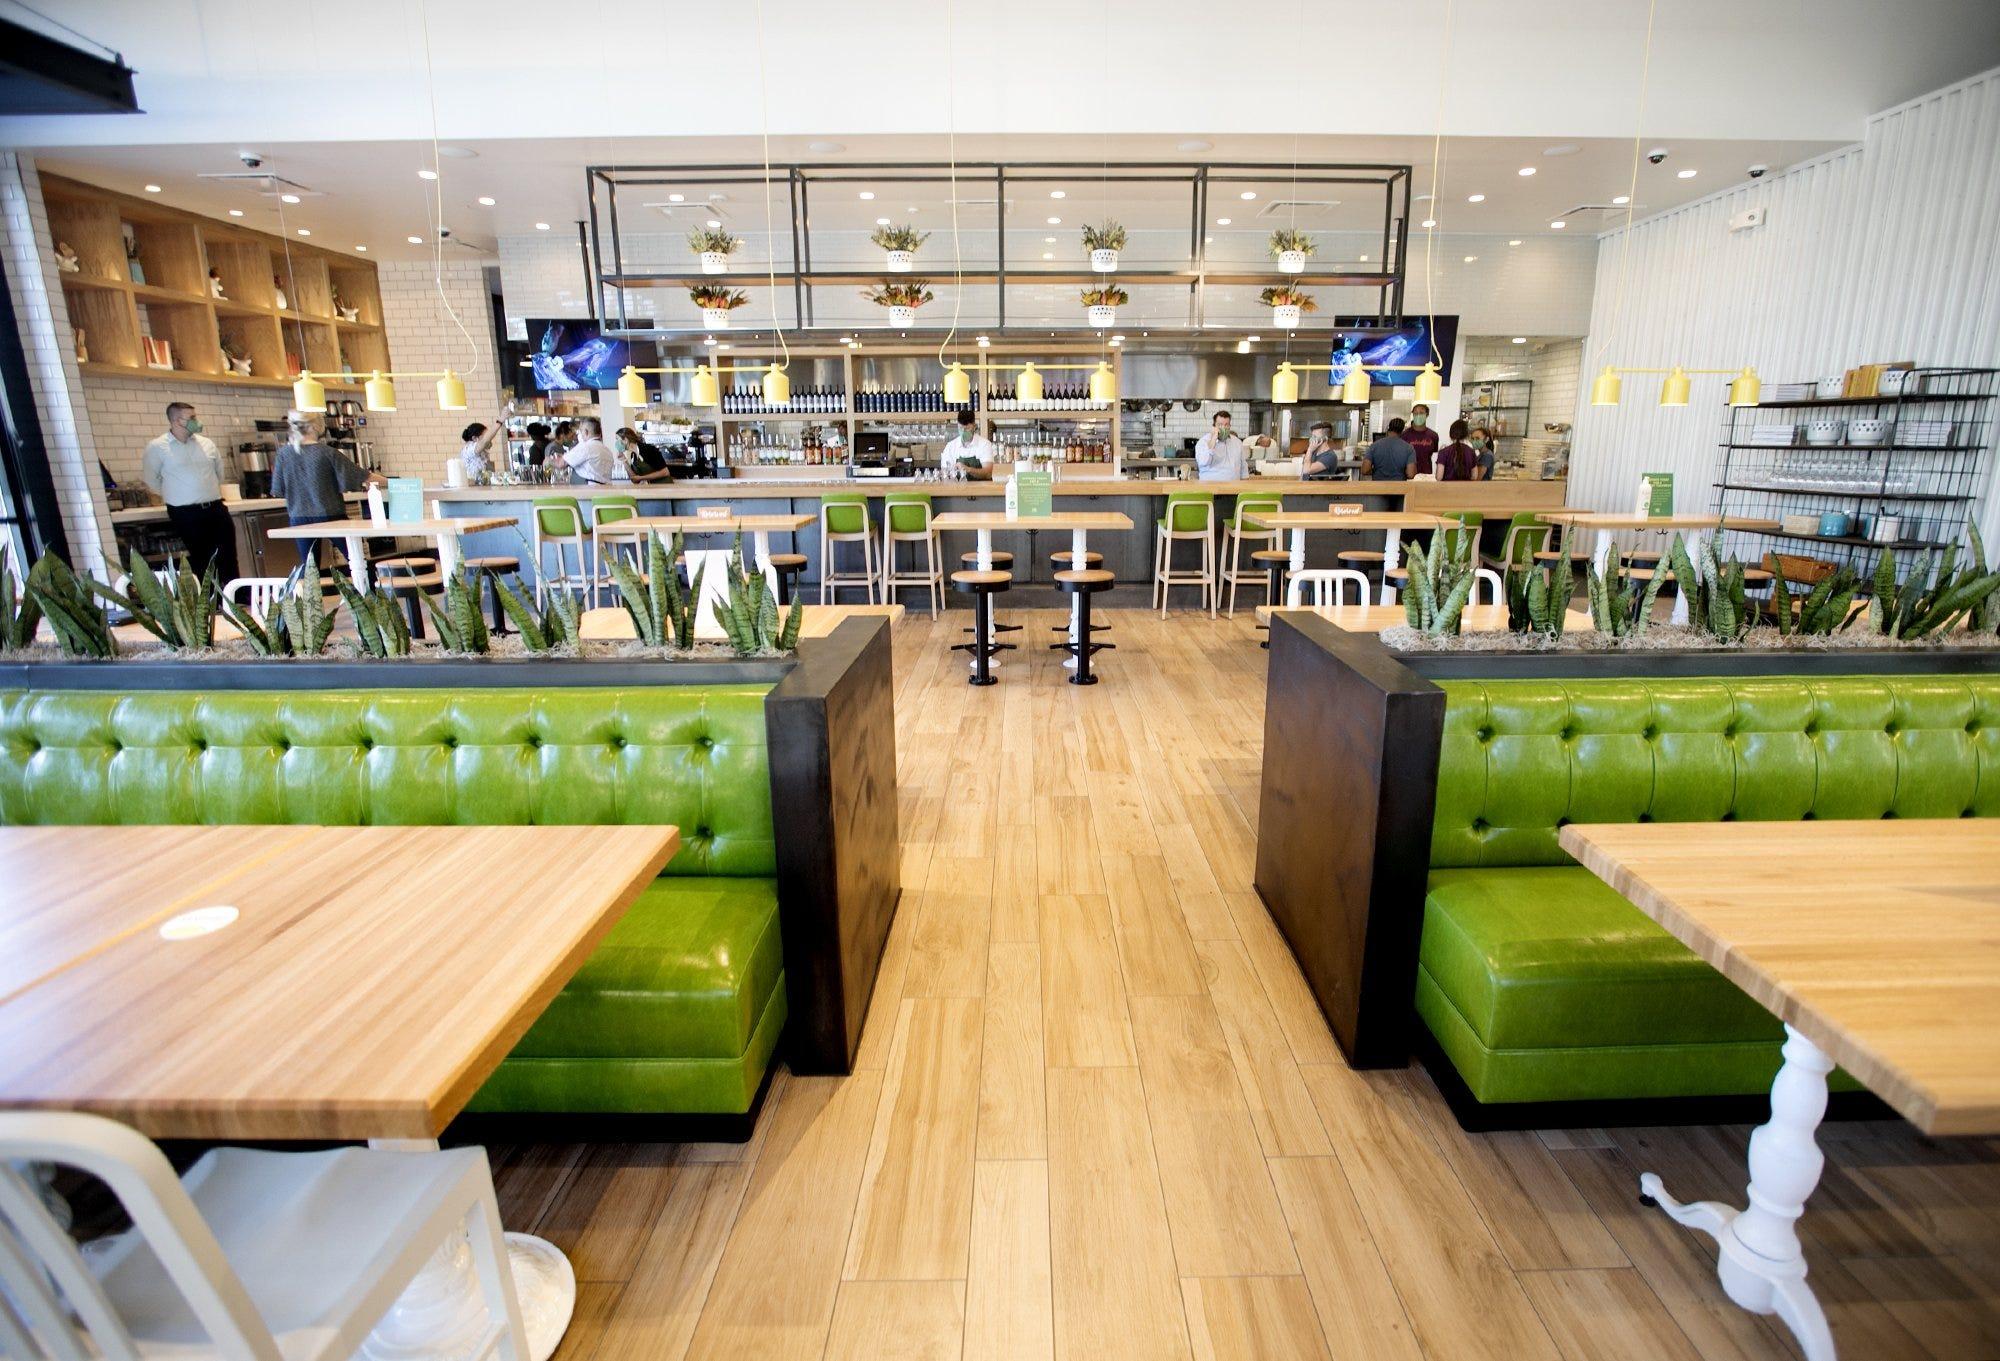 True Food Kitchen Brings Healthy Menu To Easton